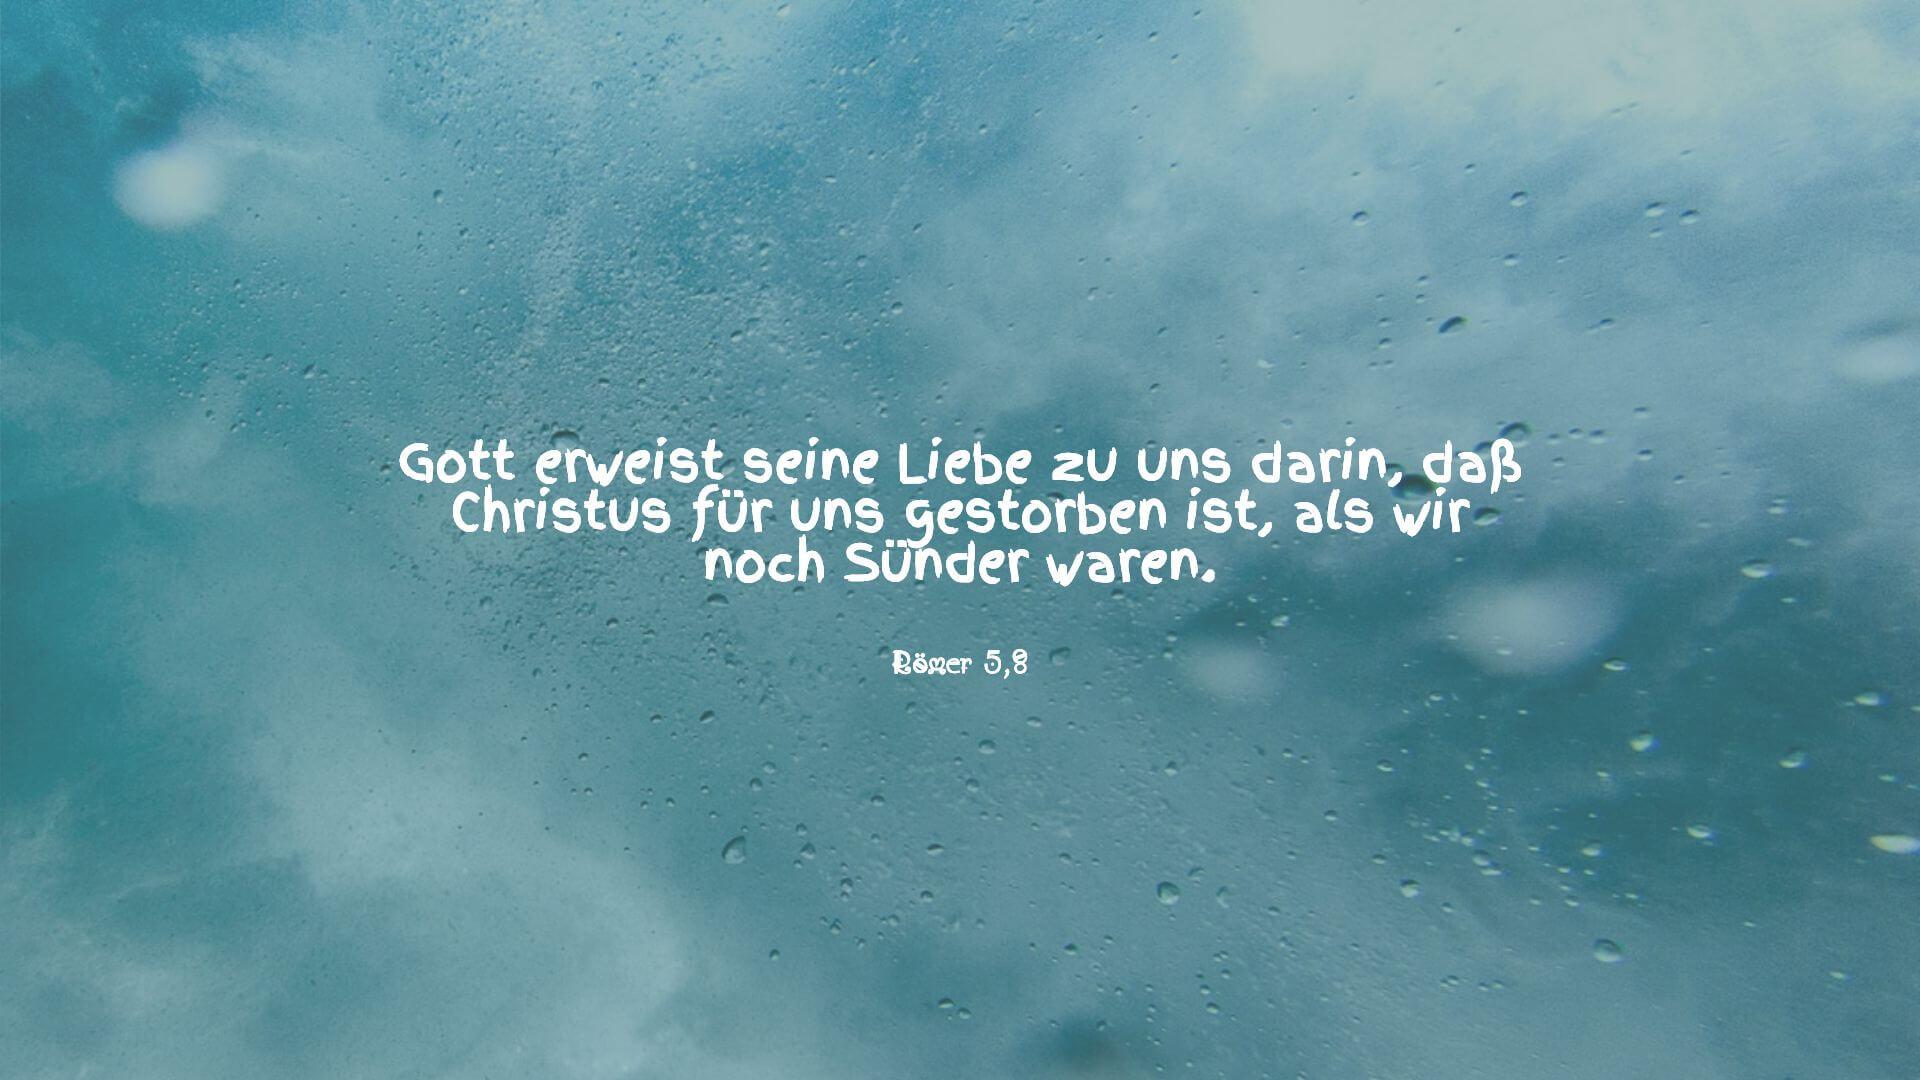 Gott erweist seine Liebe zu uns darin, daß Christus für uns gestorben ist, als wir noch Sünder waren. - Römer 5,8